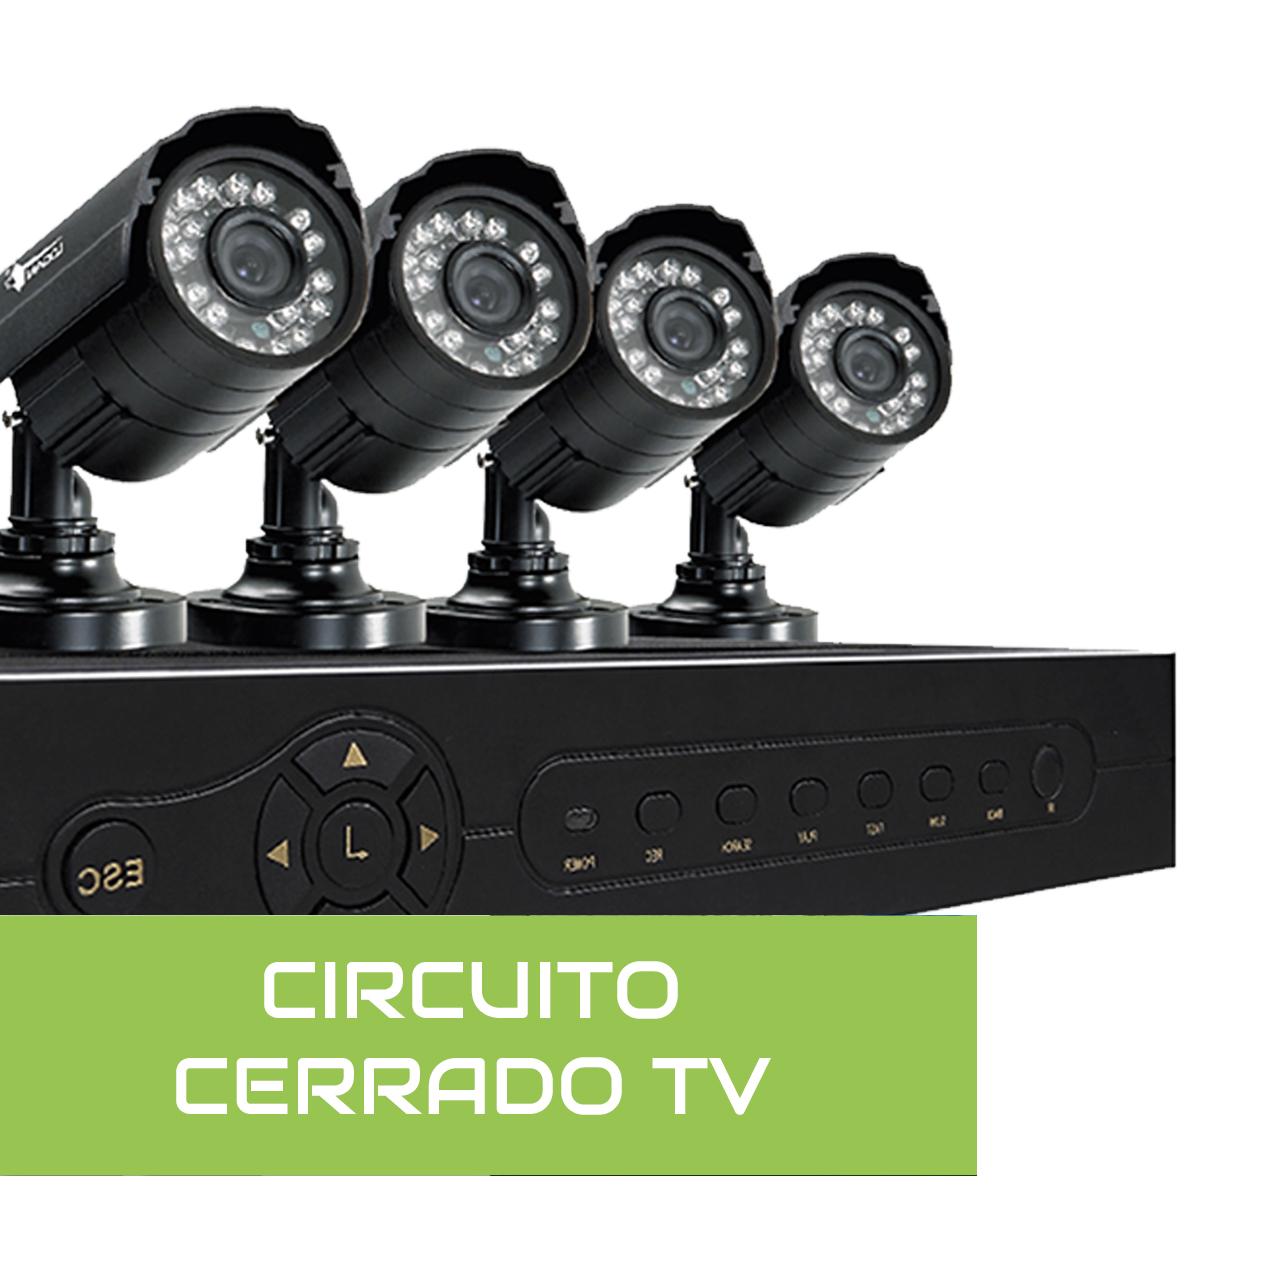 Circuito Cerrado TV